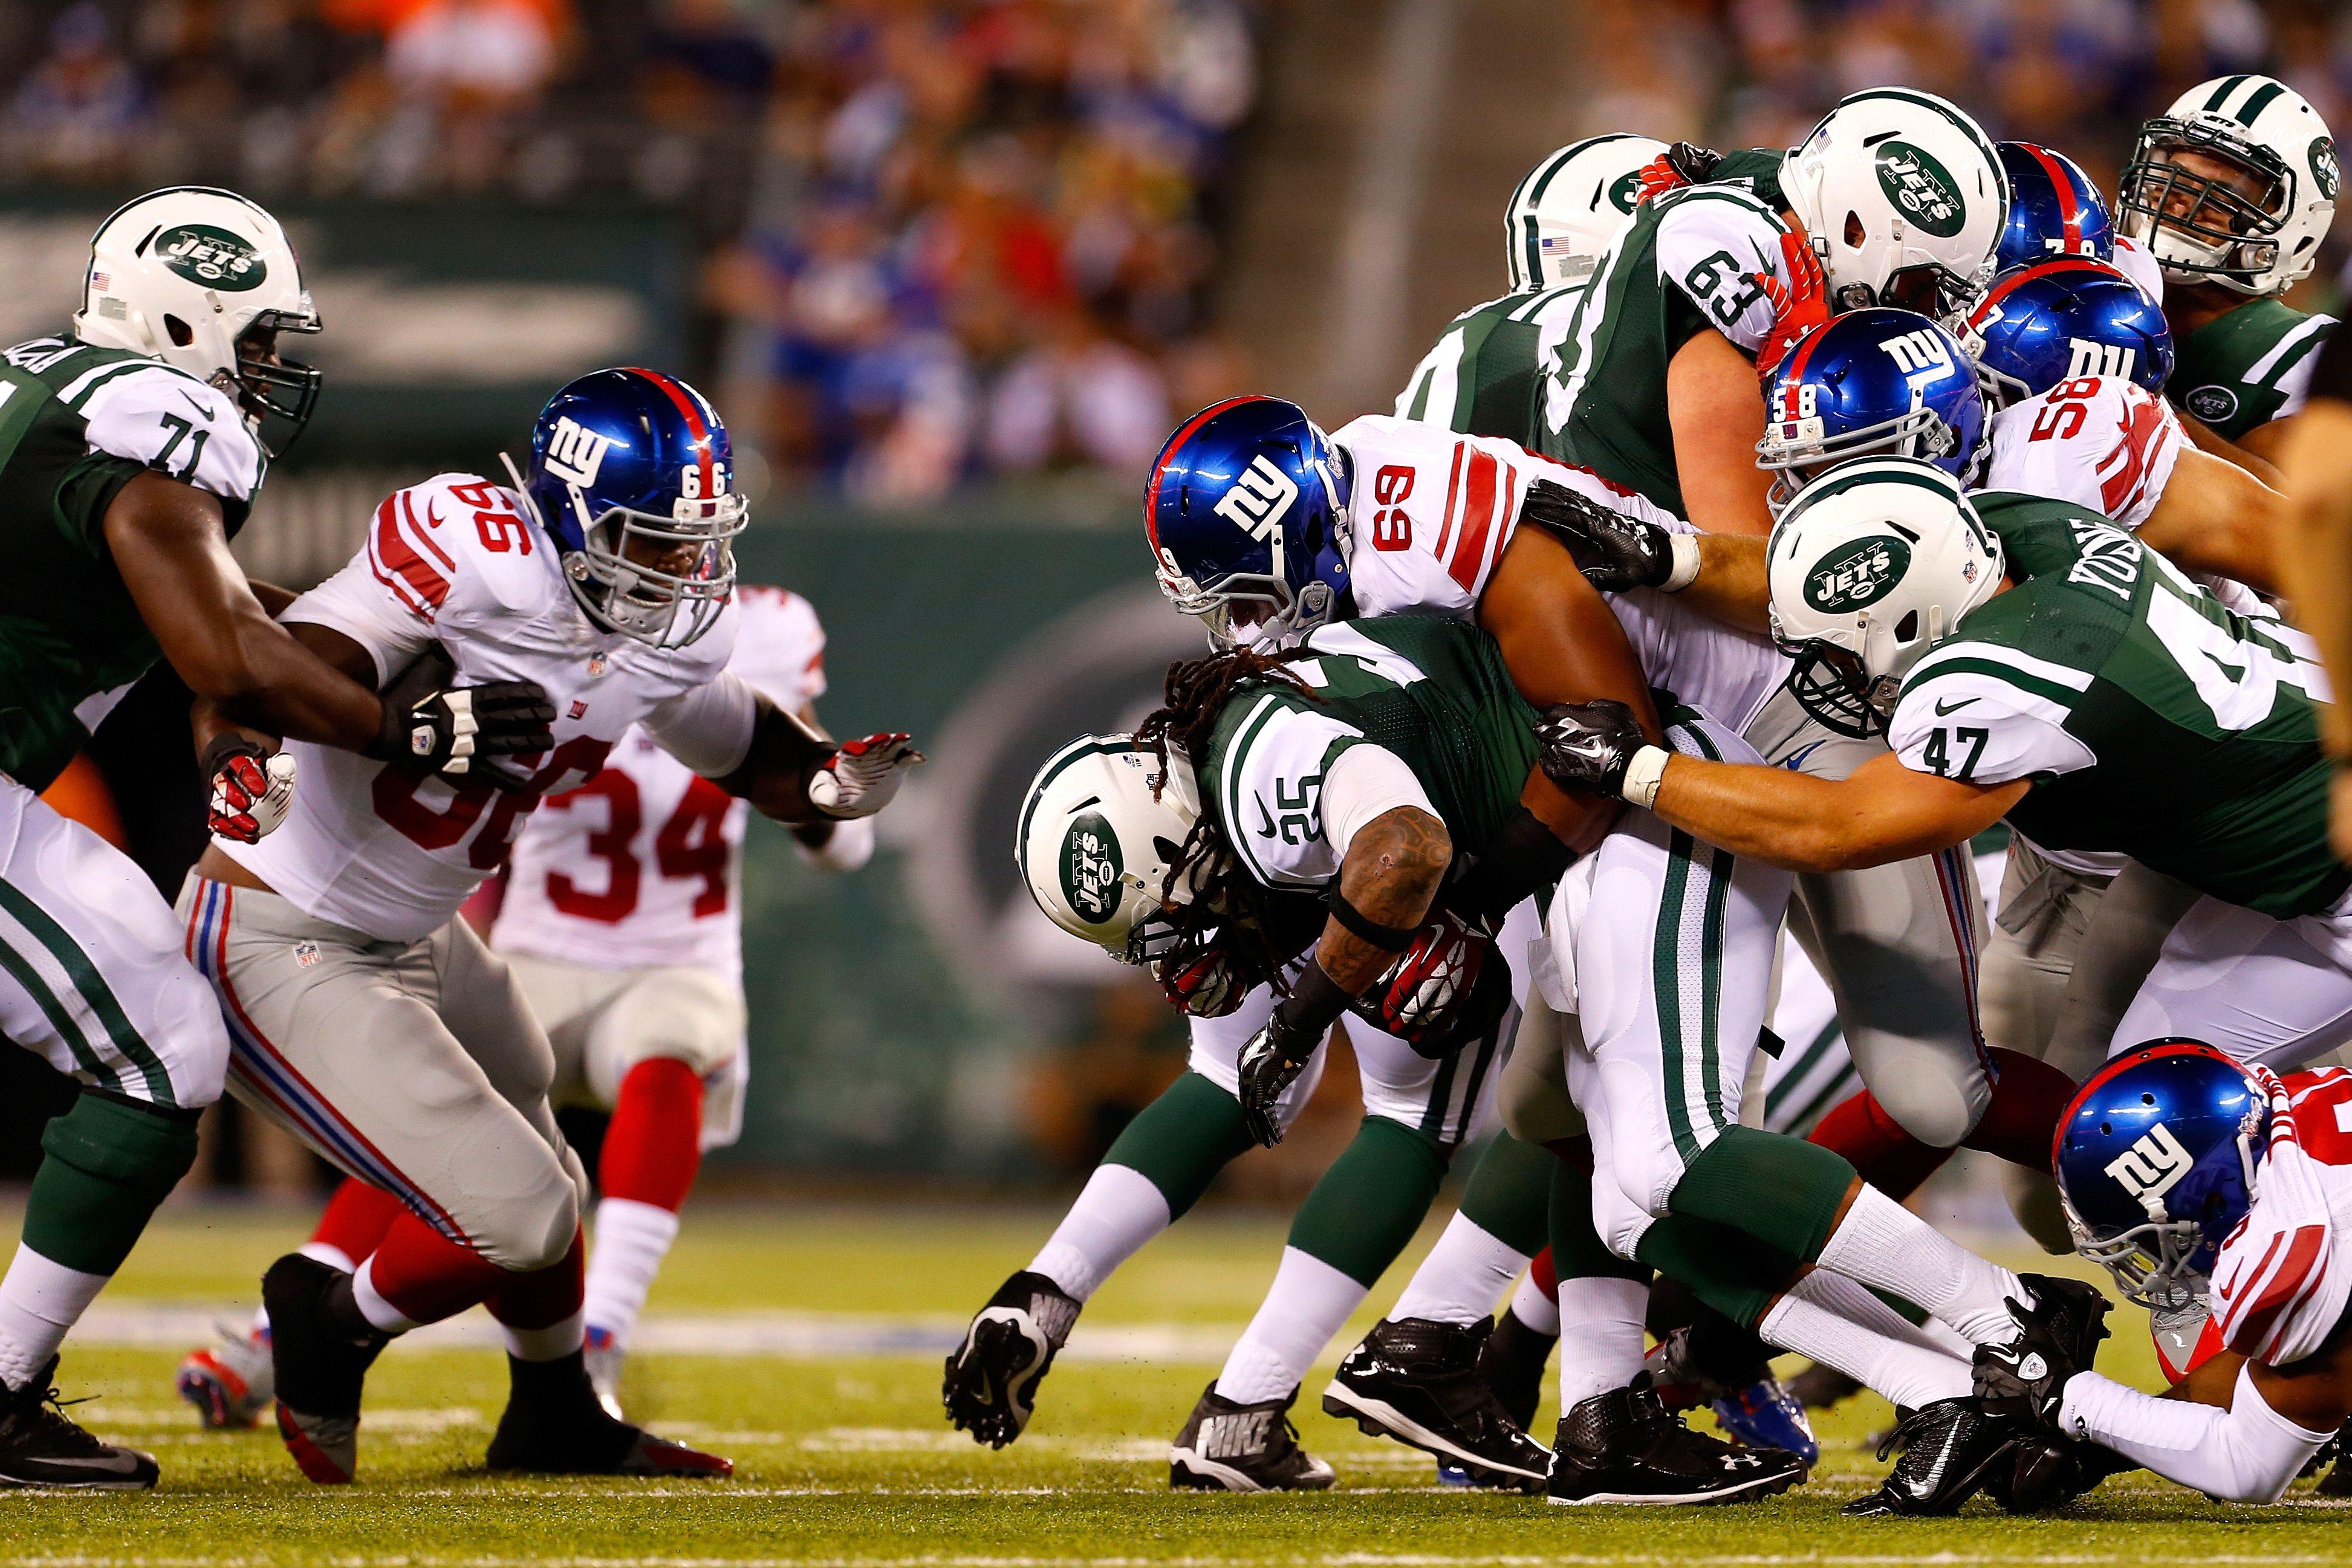 New York Giants vs. New York Jets Start Time, TV Channel